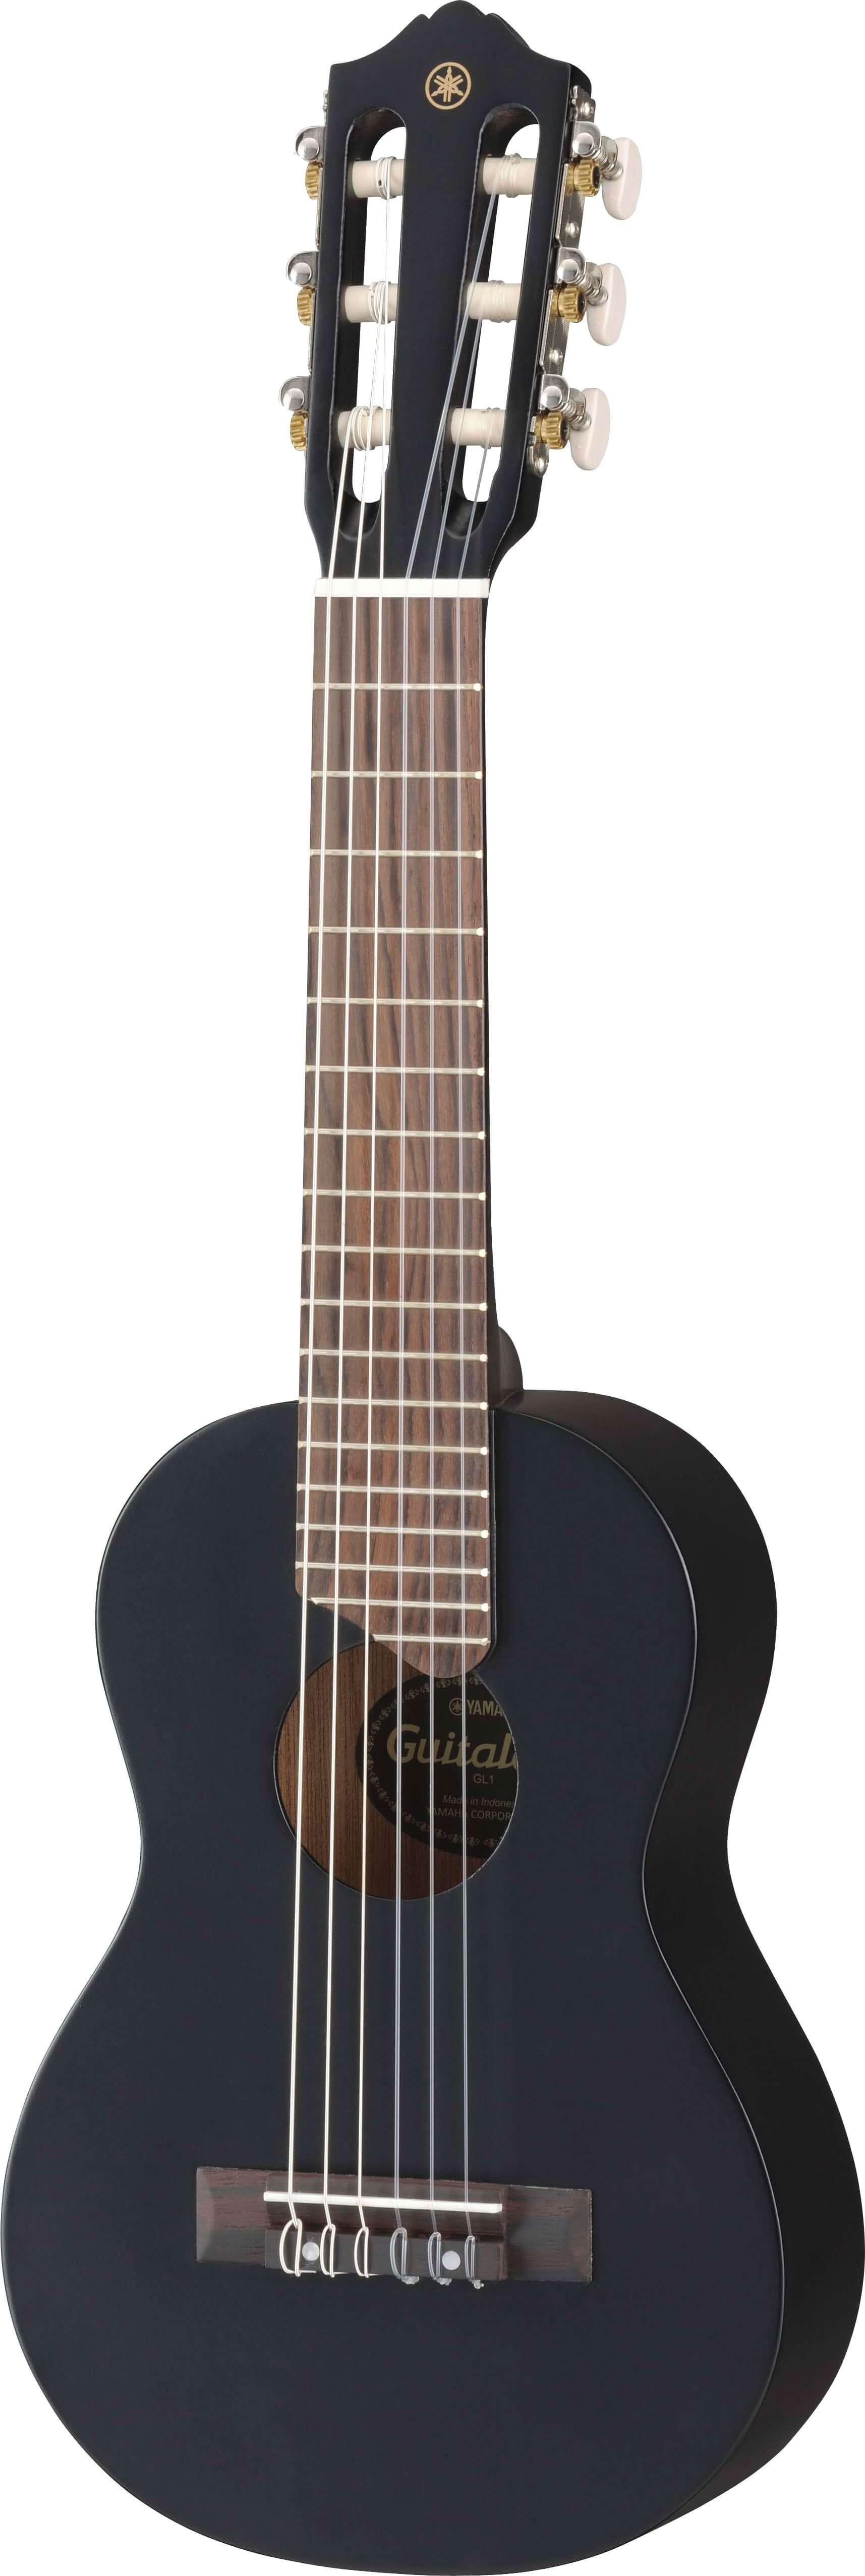 Guitalele Yamaha GL1 Black